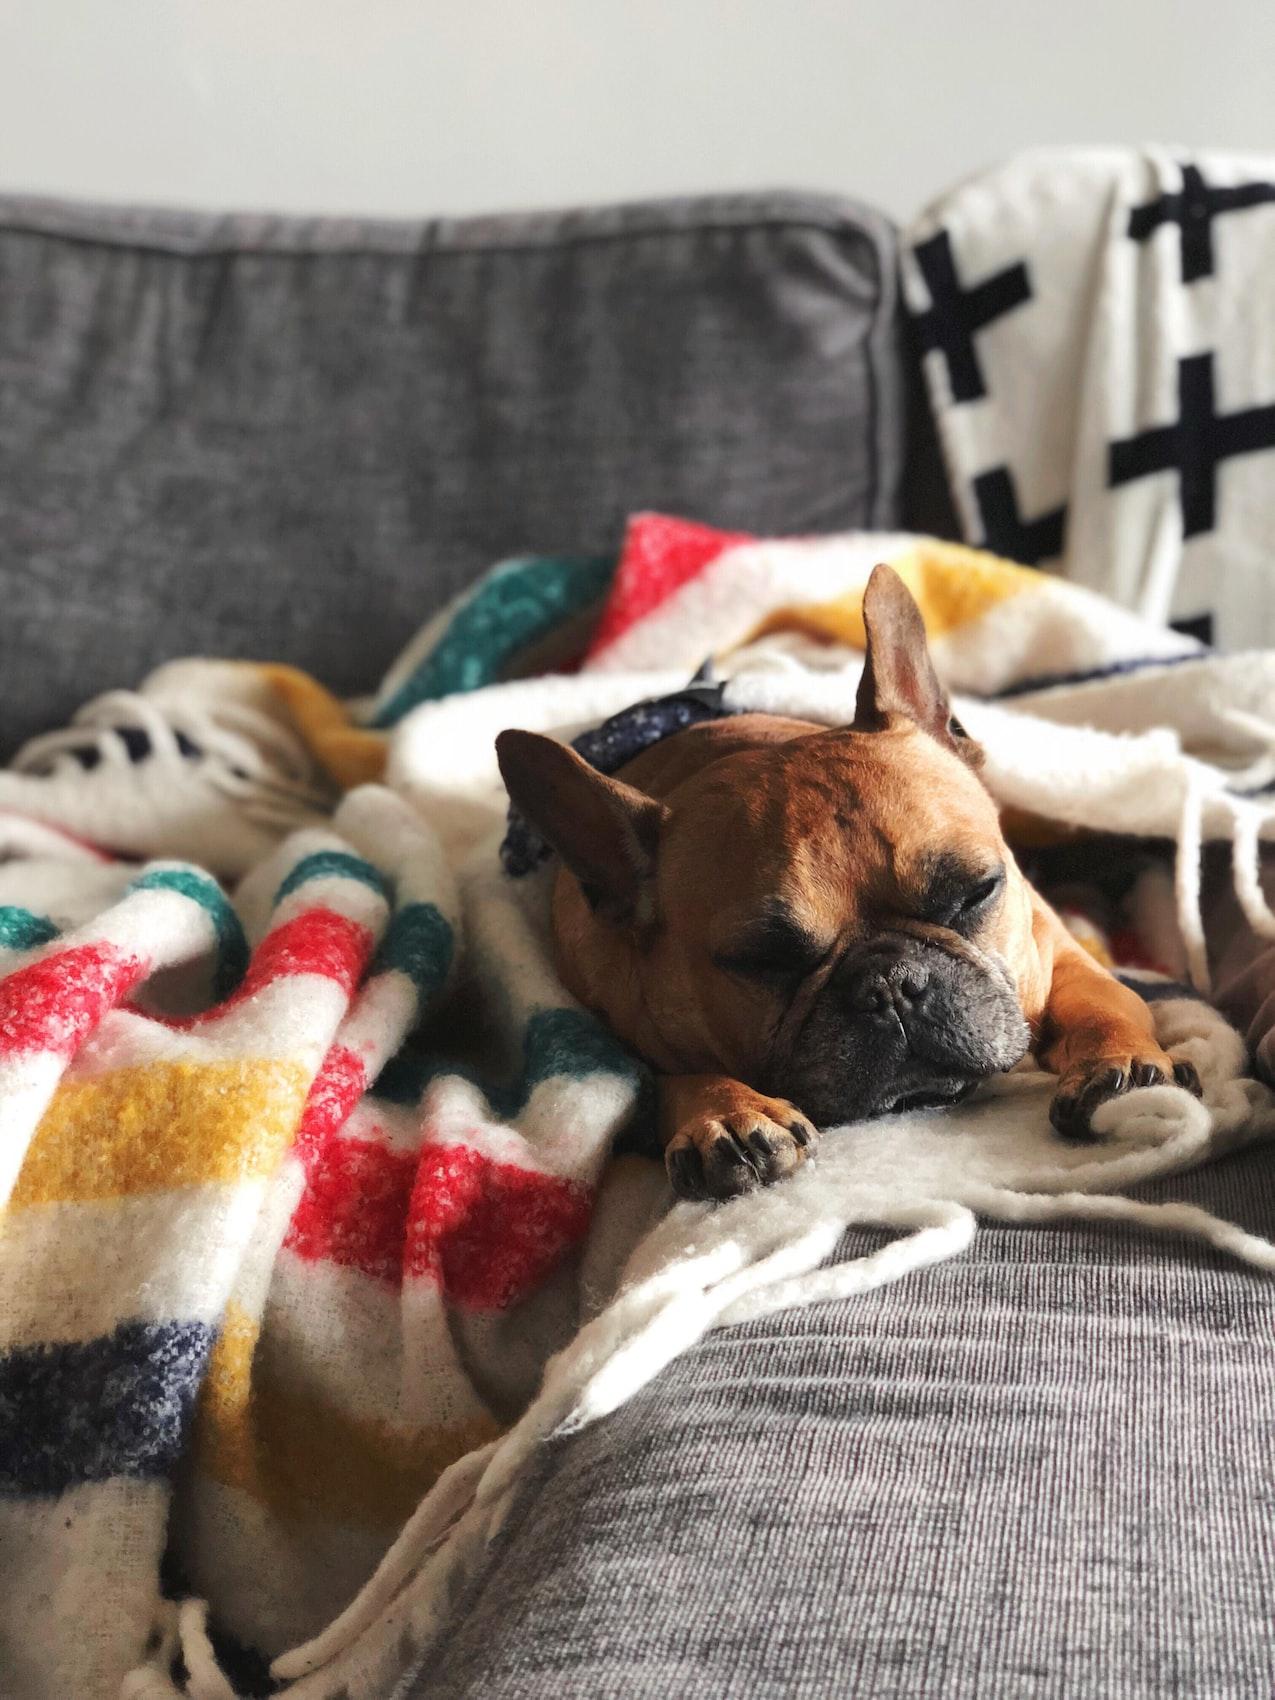 Chien endormi sur la couverture d'un canapé